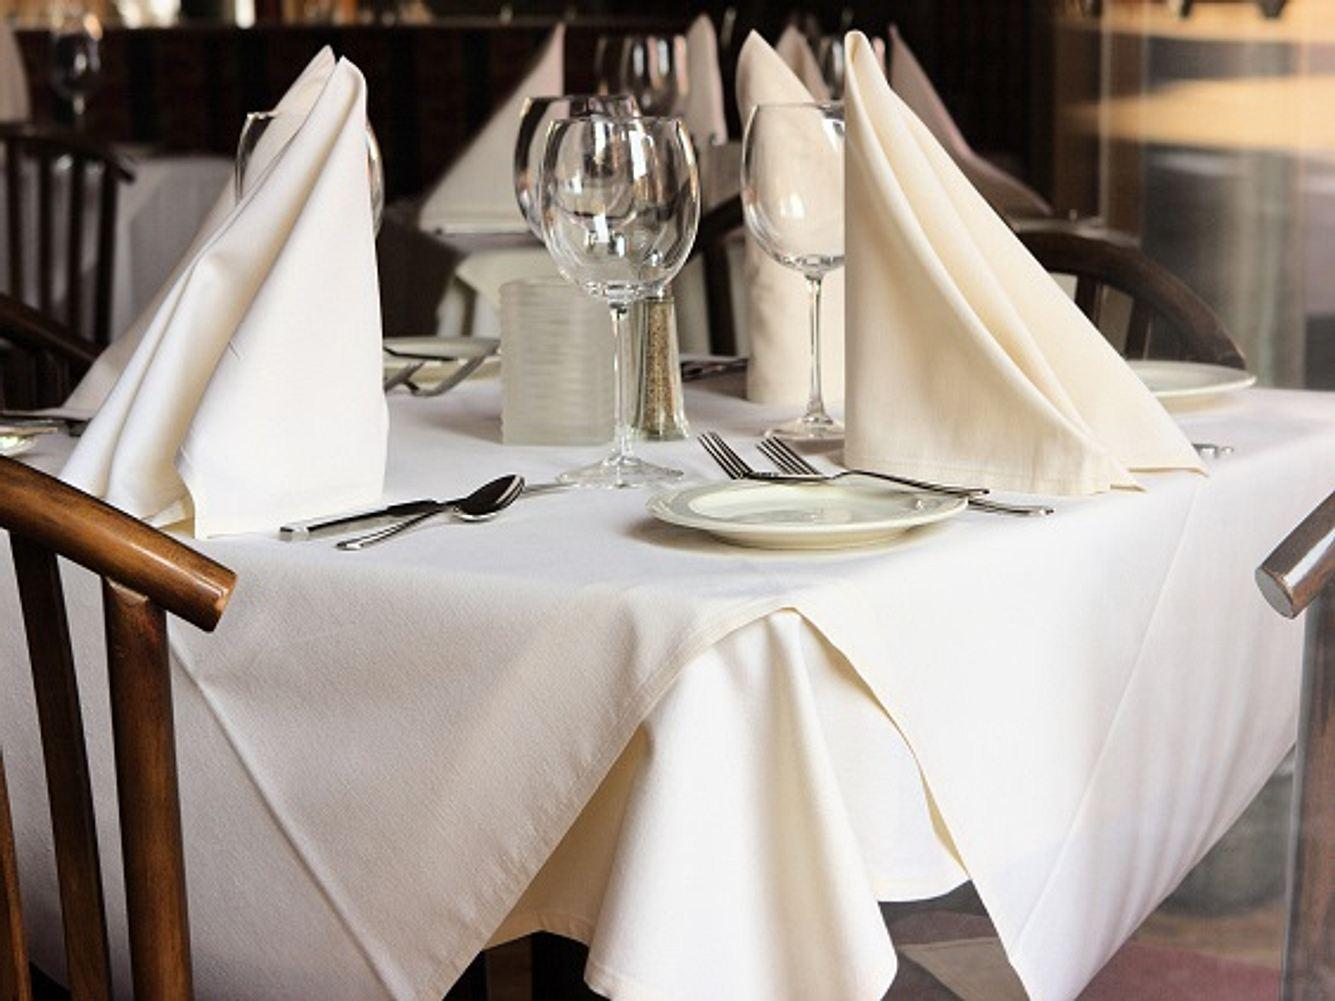 Gedeckter Tisch mit weißer Tischdecke und cremefarbenen Servietten